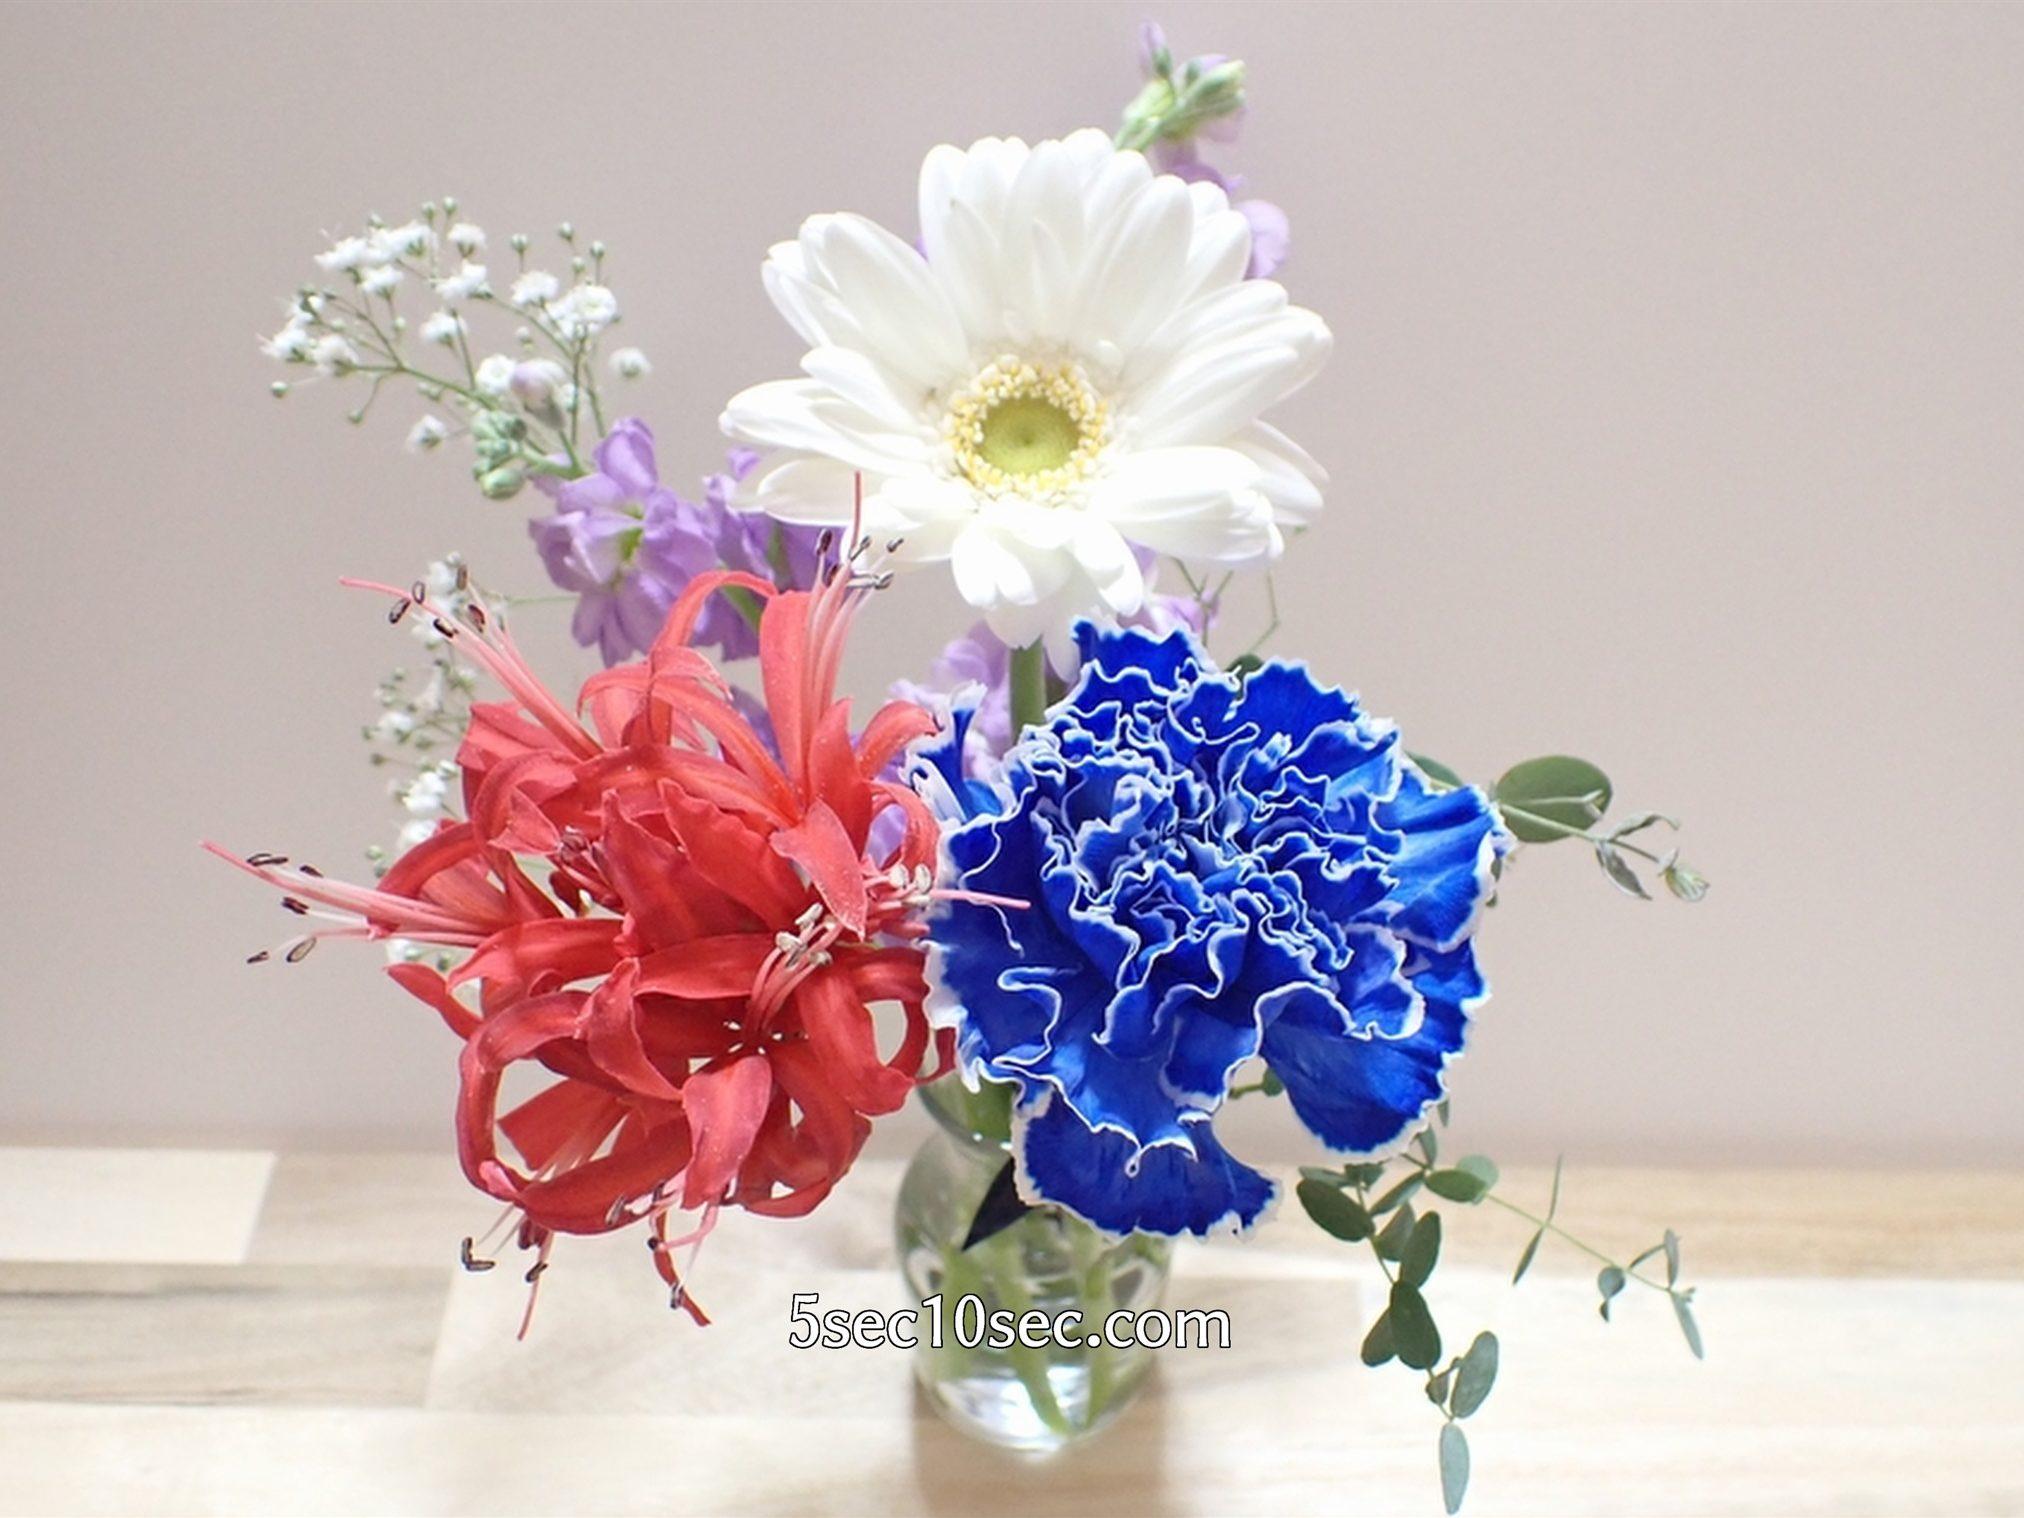 株式会社Crunch Style お花の定期便 Bloomee LIFE ブルーミーライフ 800円のレギュラープラン 届いた日、1日目のお花の状態